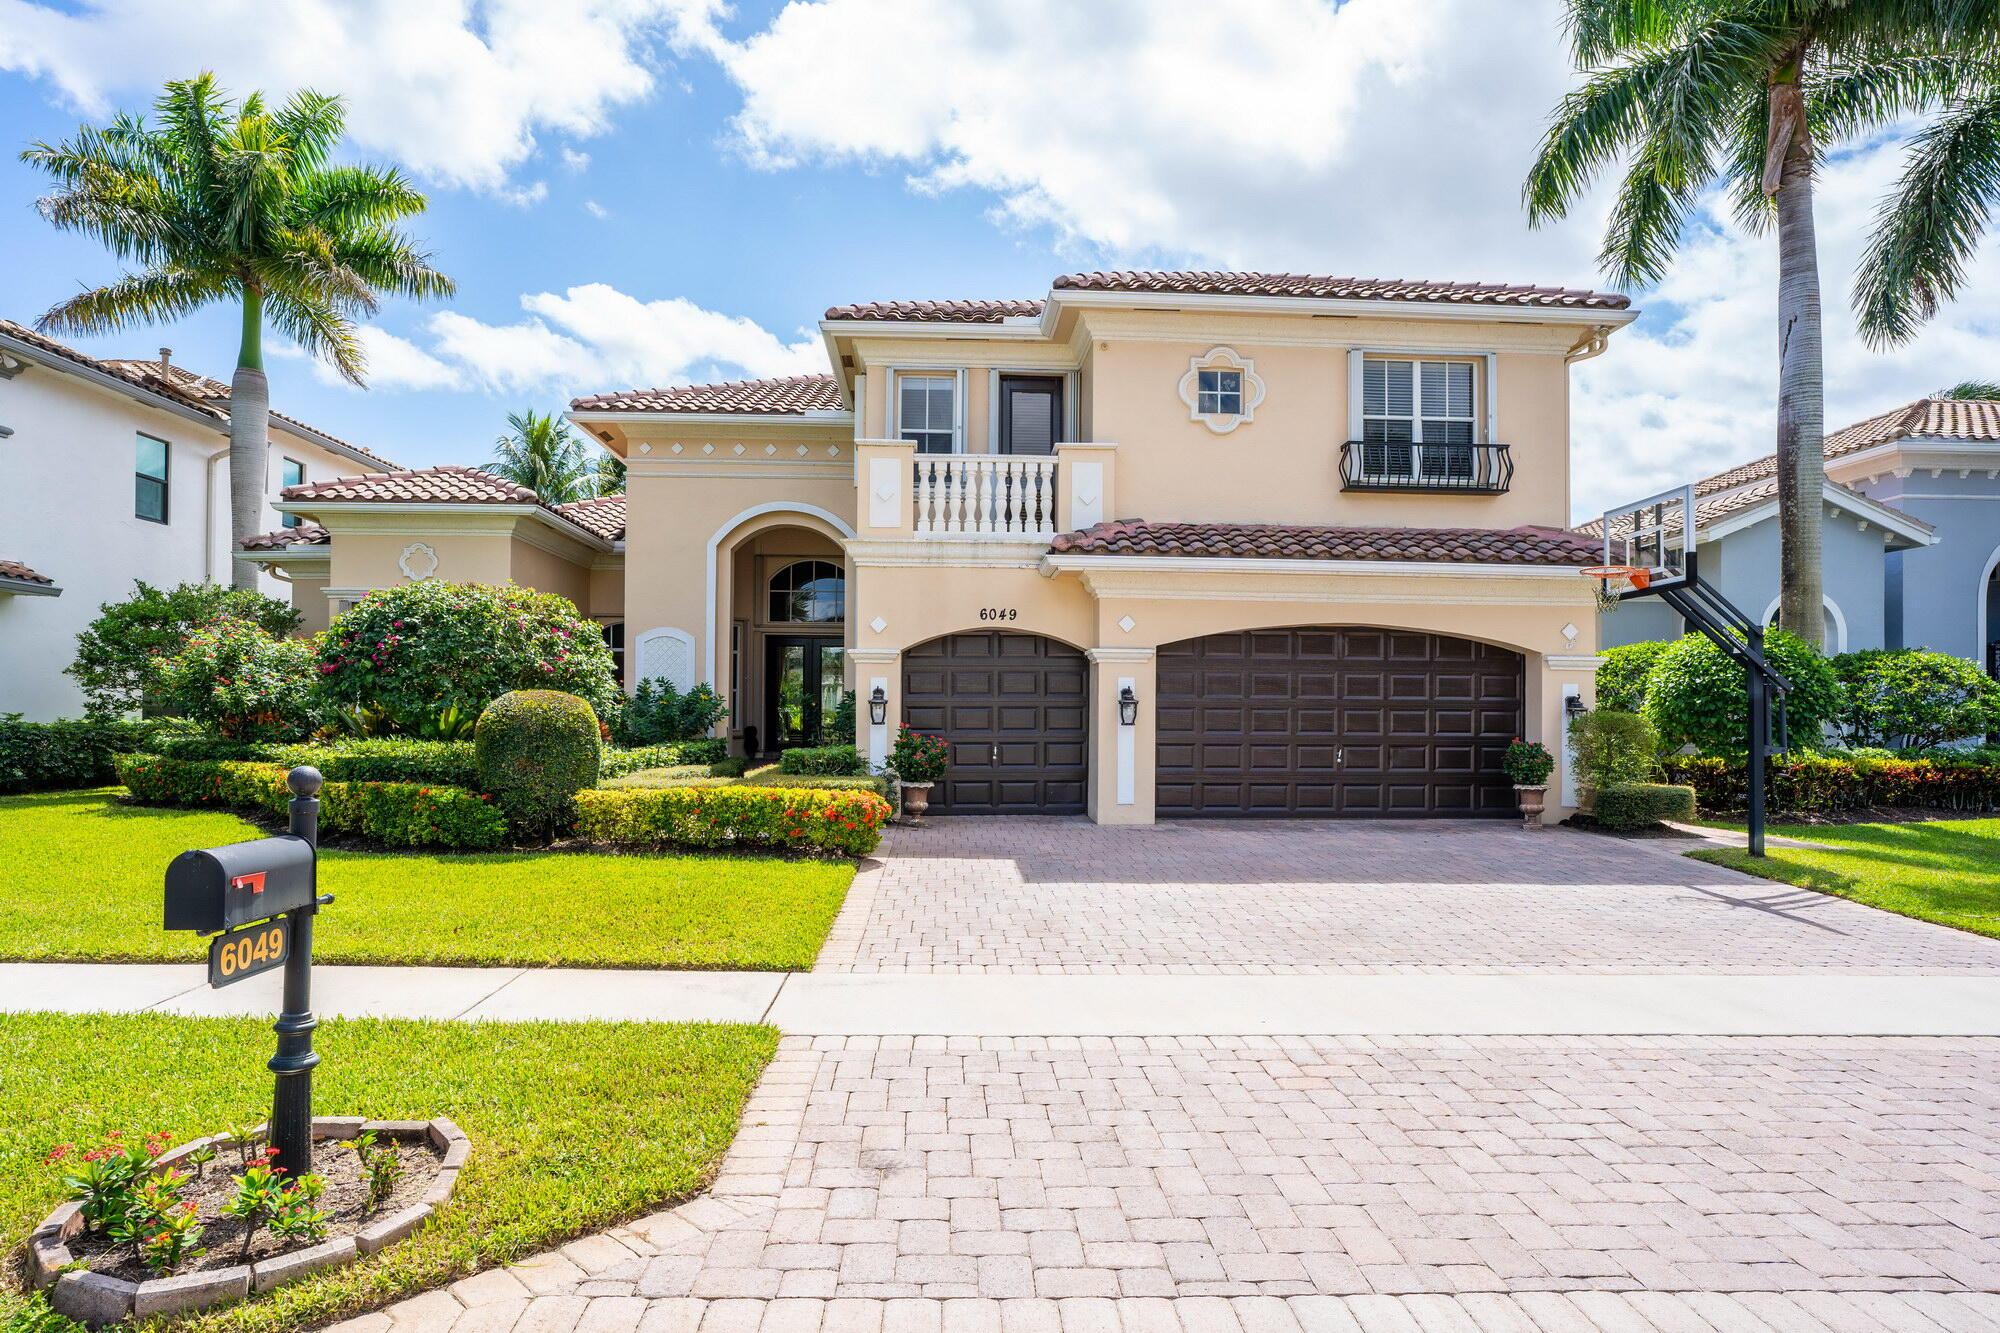 6049 Via Venetia, Delray Beach, Florida 33484, 6 Bedrooms Bedrooms, ,5.1 BathroomsBathrooms,Single Family Detached,For Sale,Via Venetia,RX-10752238